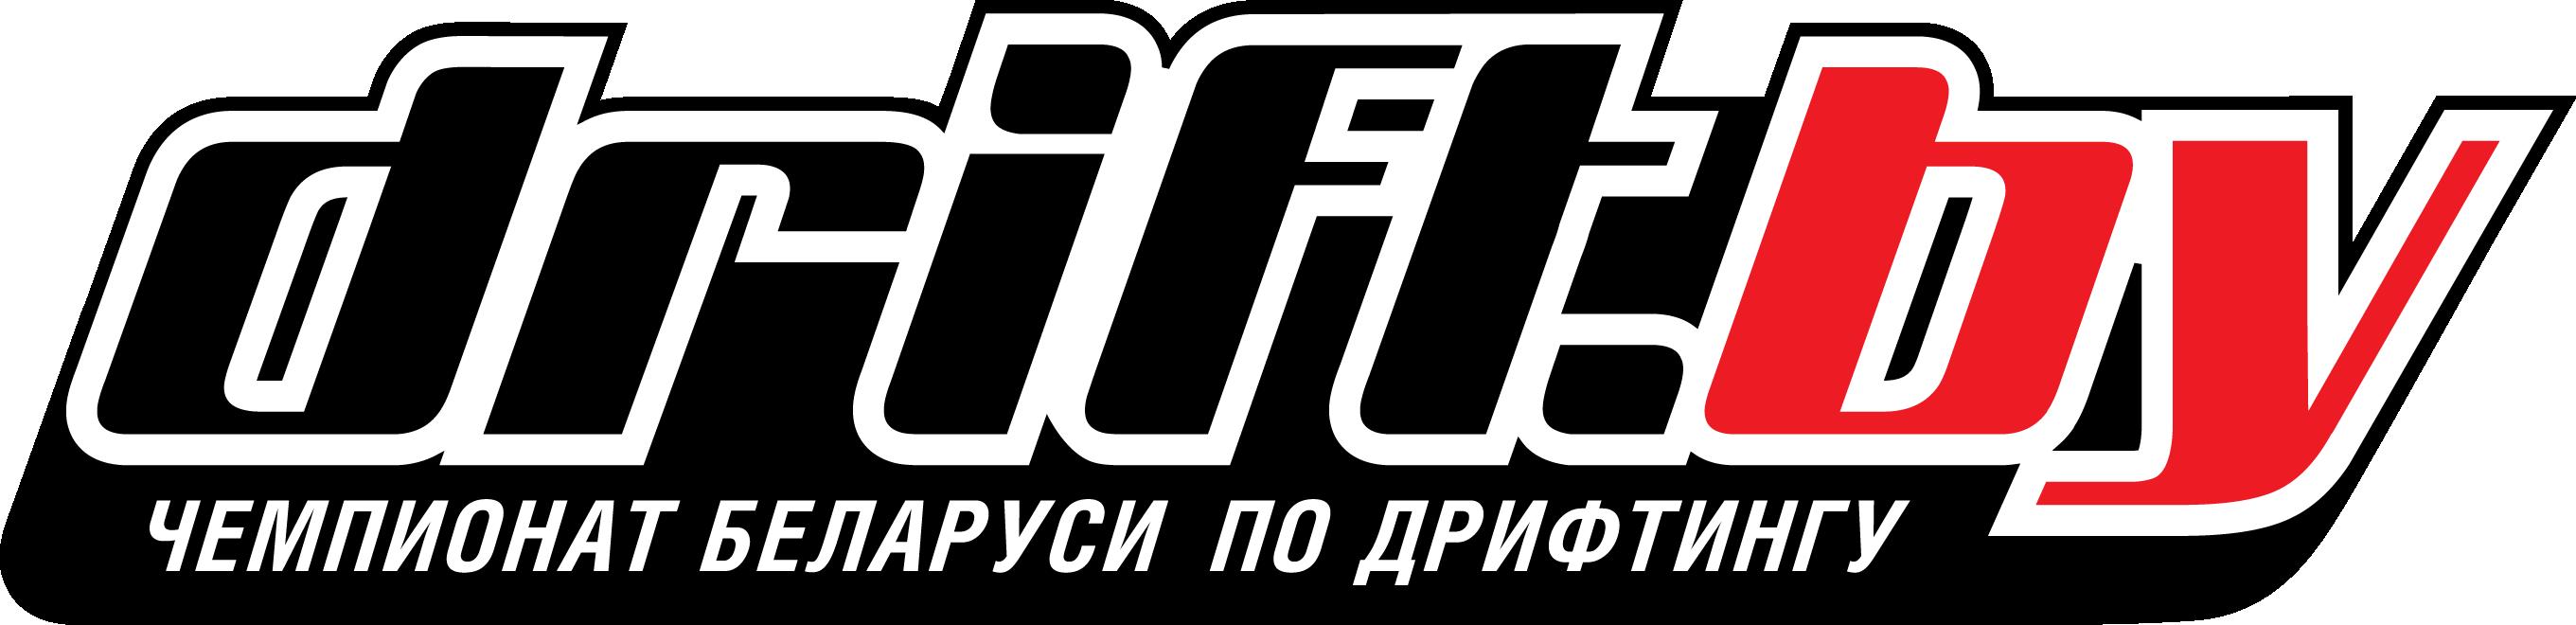 drift.by — ДРИФТ В БЕЛАРУСИ